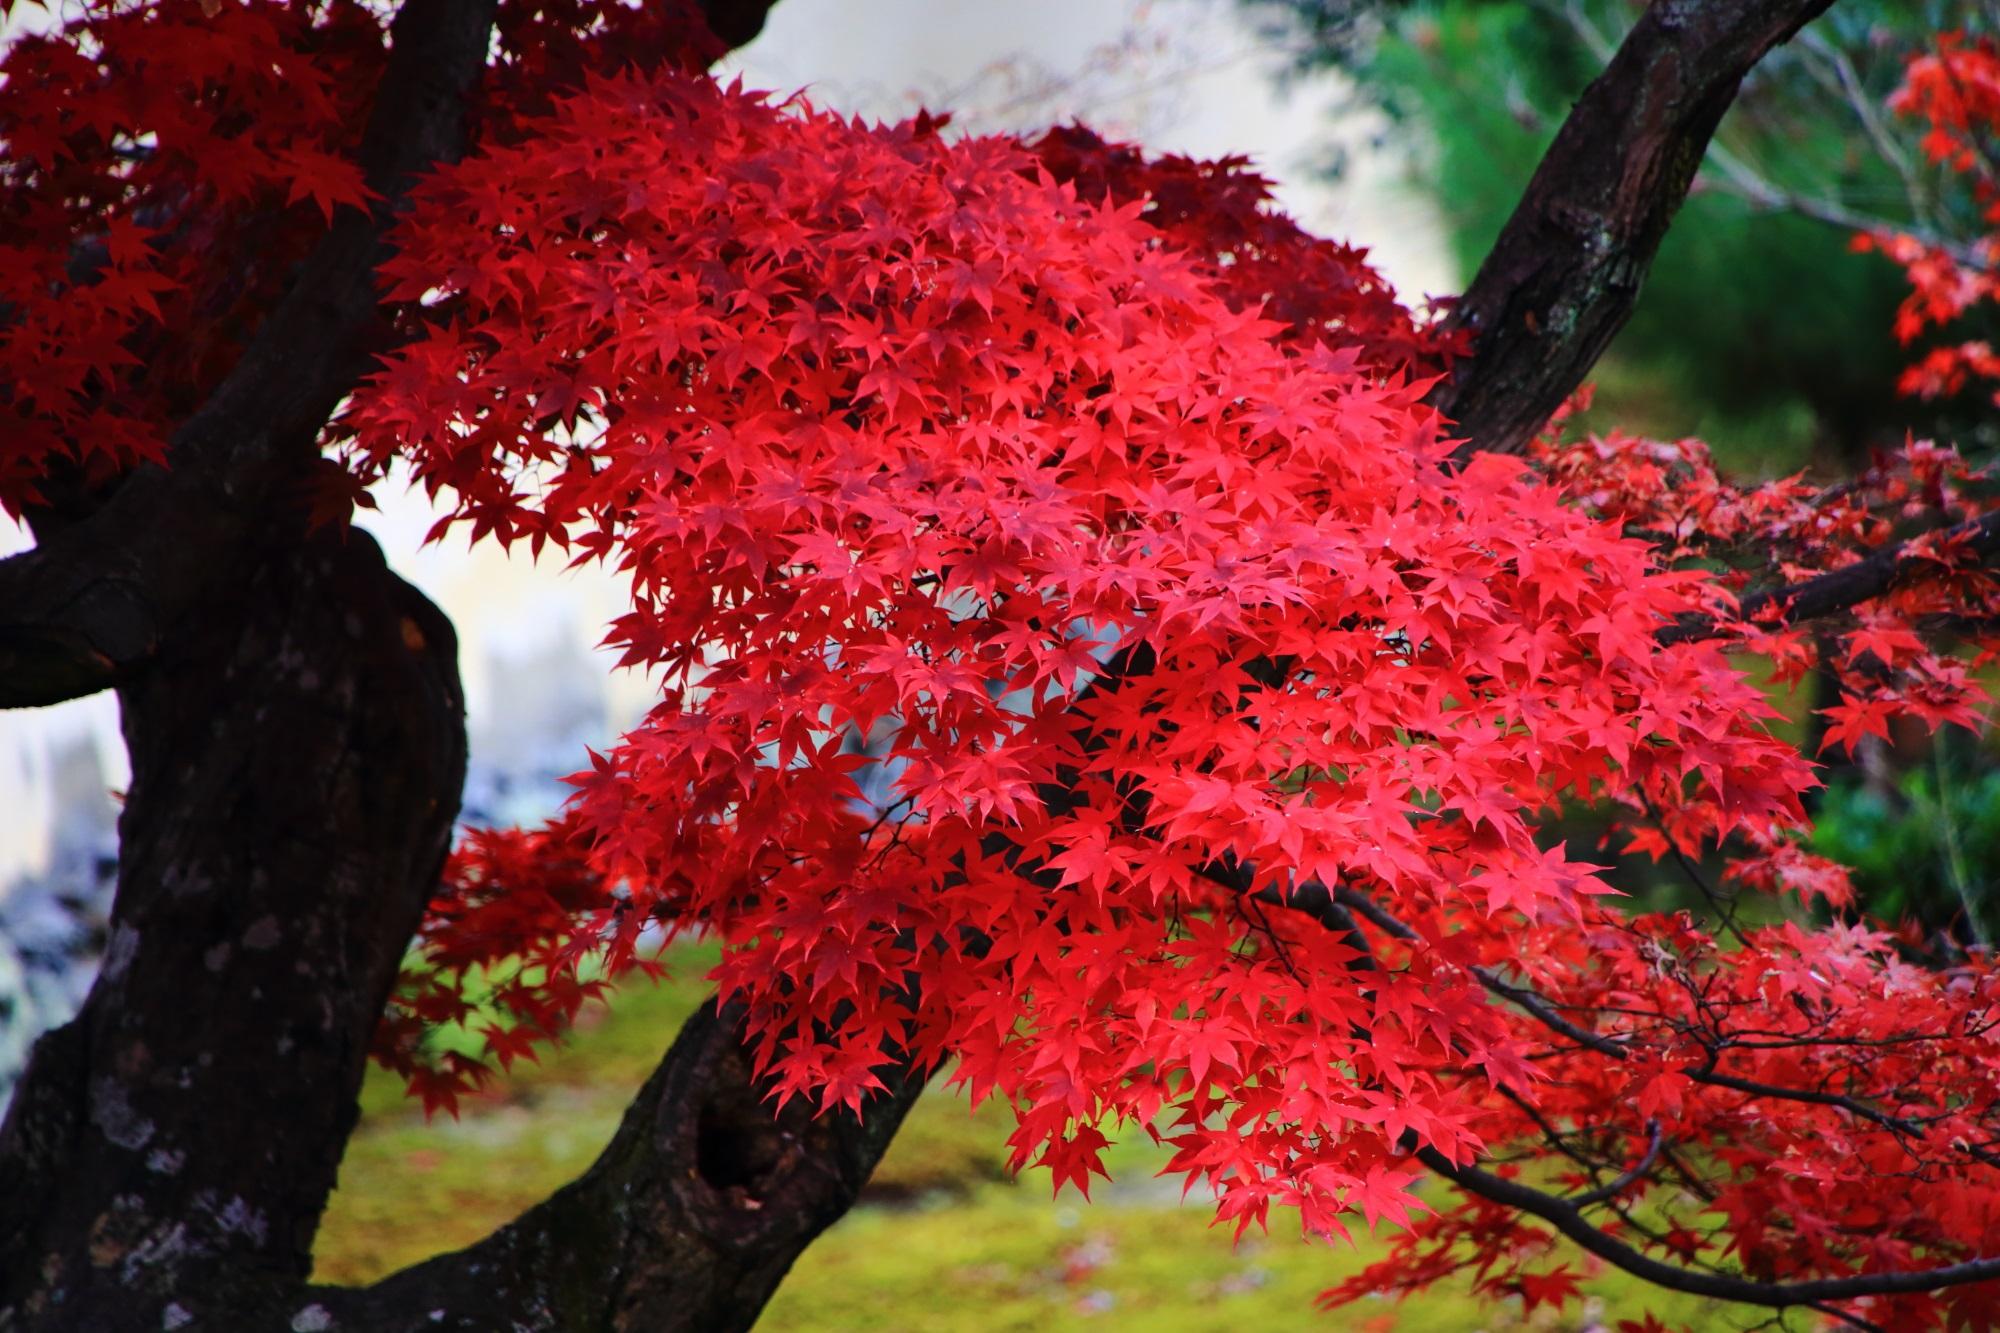 ろくおういん 紅葉 鮮やか 真っ赤 嵐山 秋